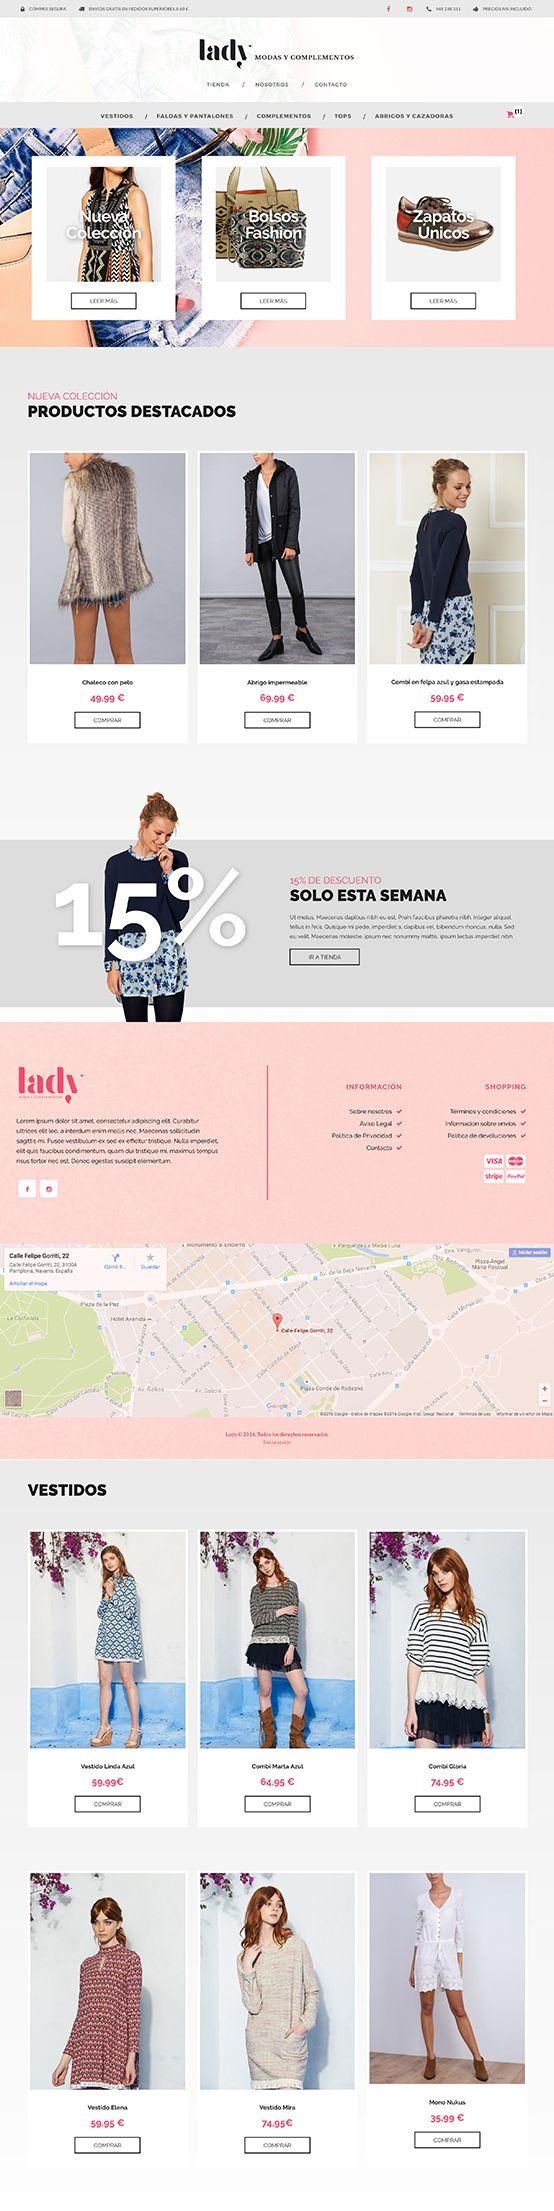 Lady Moda es un tienda online de venta de ropa y complementos, realizada con Jimdo personalizando la plantilla y los distintos elementos del e-commerce. Los productos disponen de una ficha completa con caracteristicas y precio enlazada desde las imágenes personalizadas de cada familia.